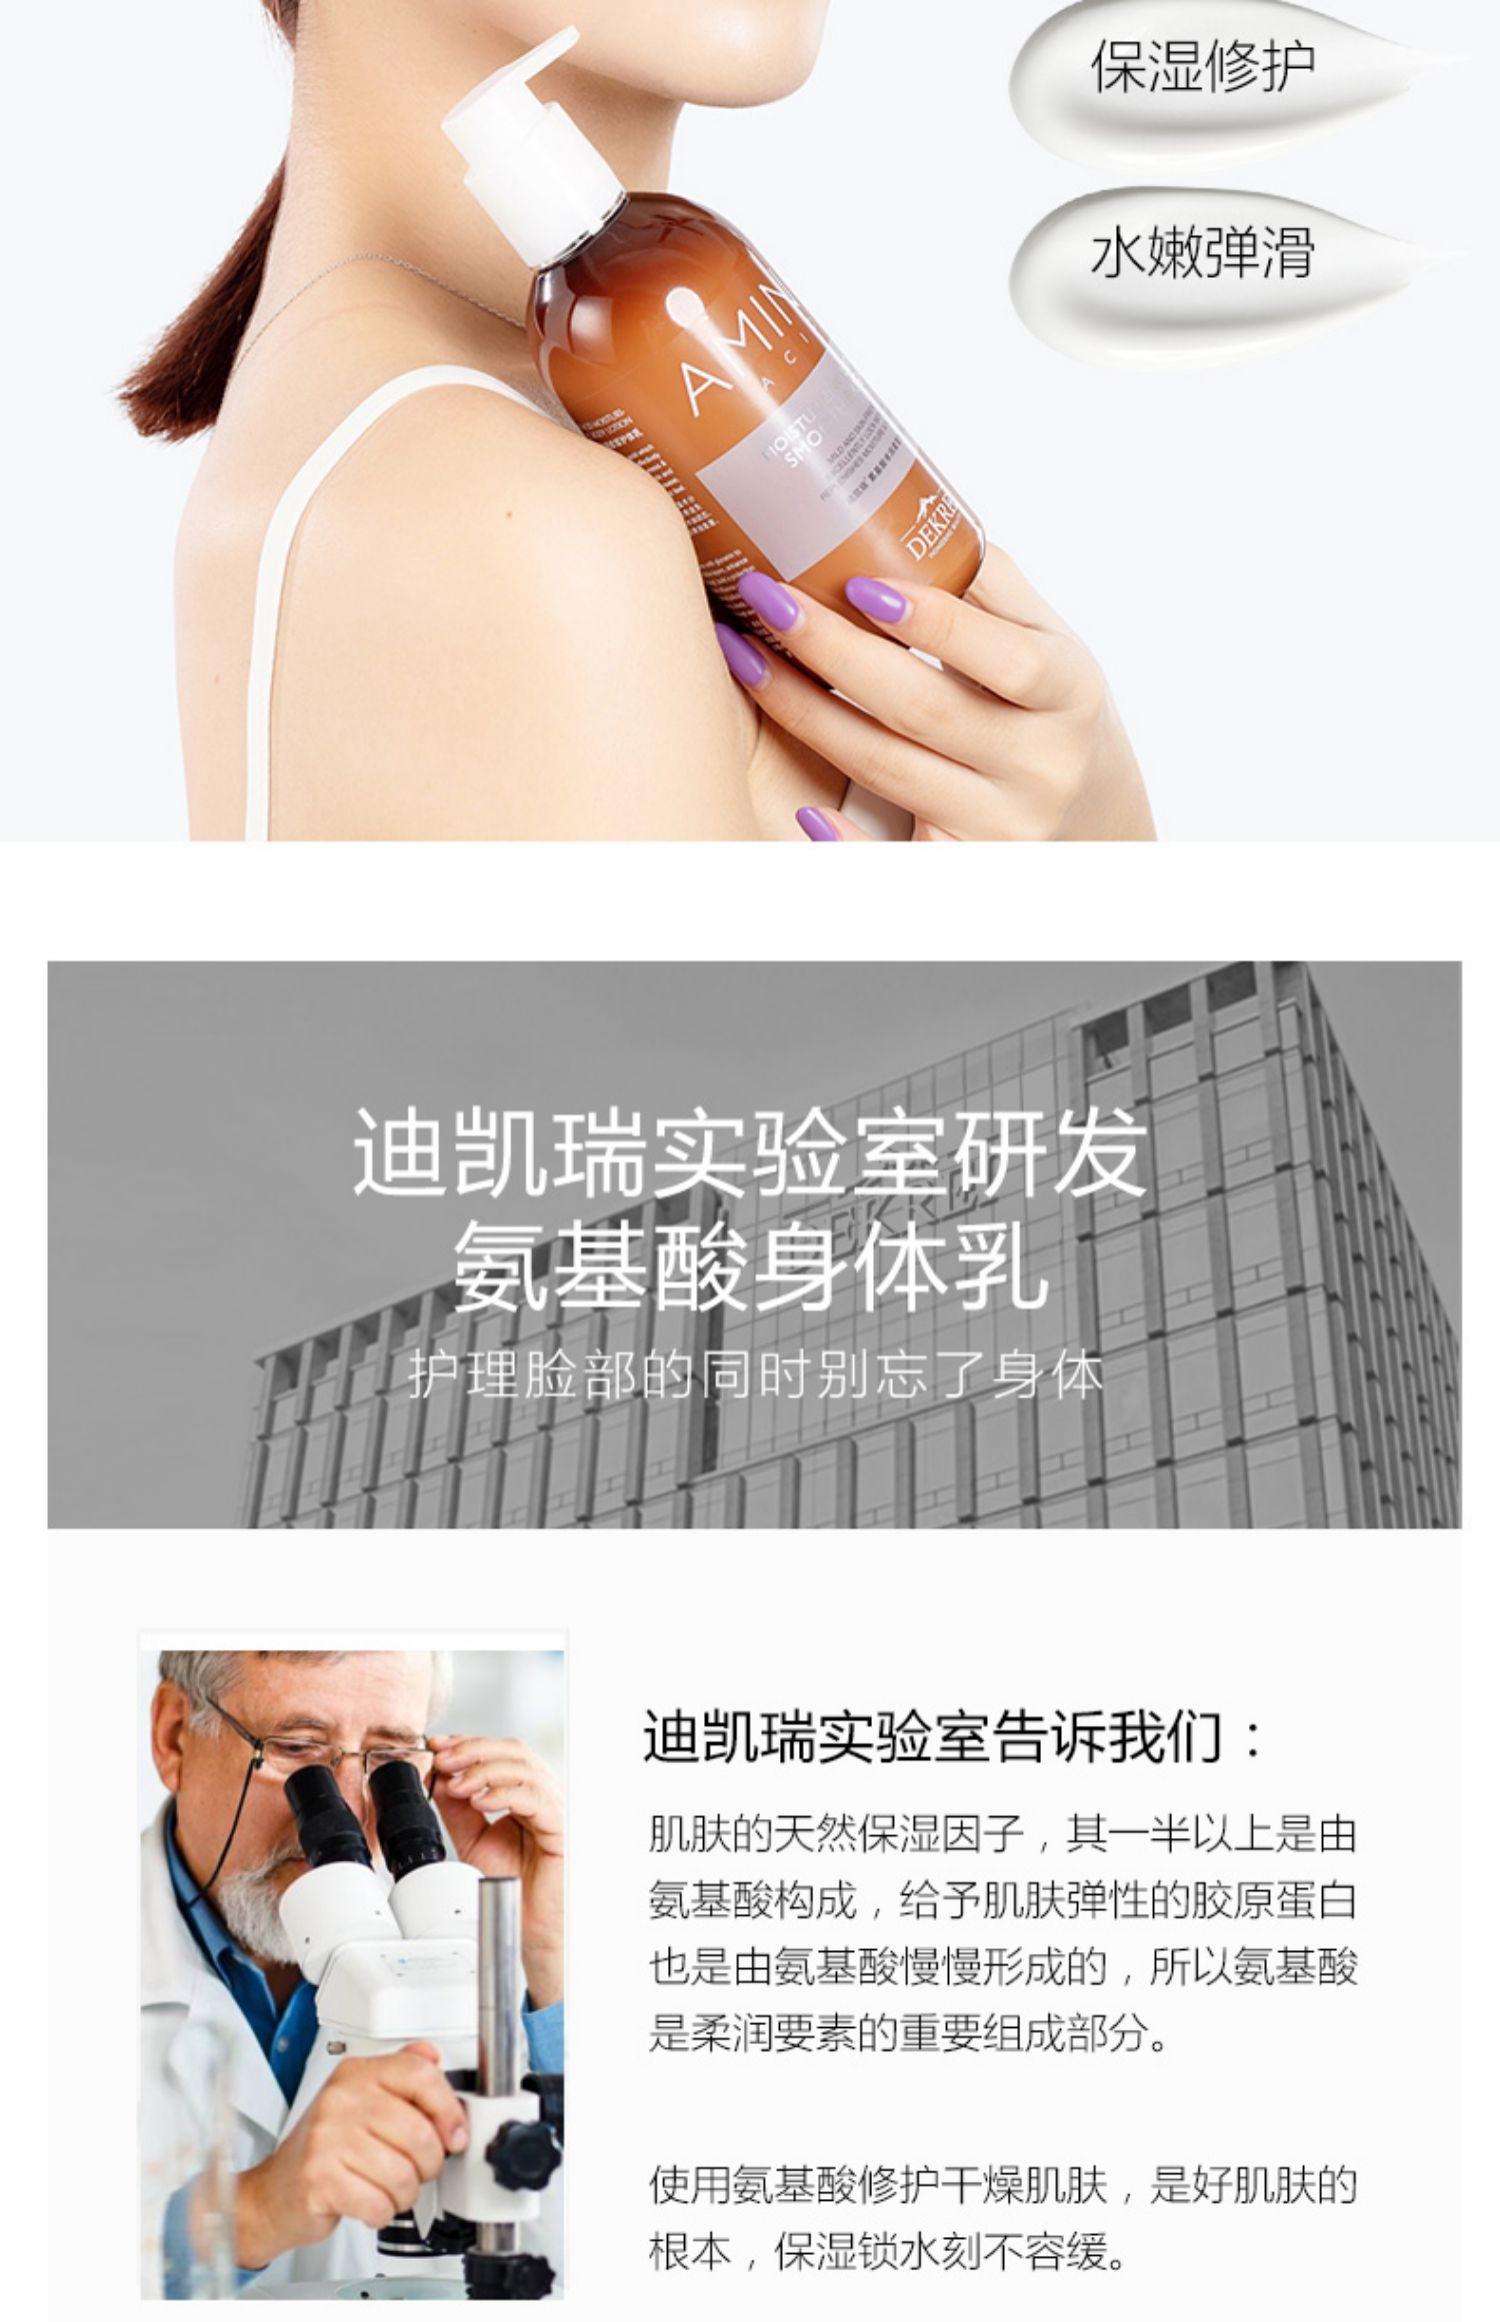 高浓度氨基酸身体乳保湿修护肌肤干燥粗糙香味持久300ML商品详情图